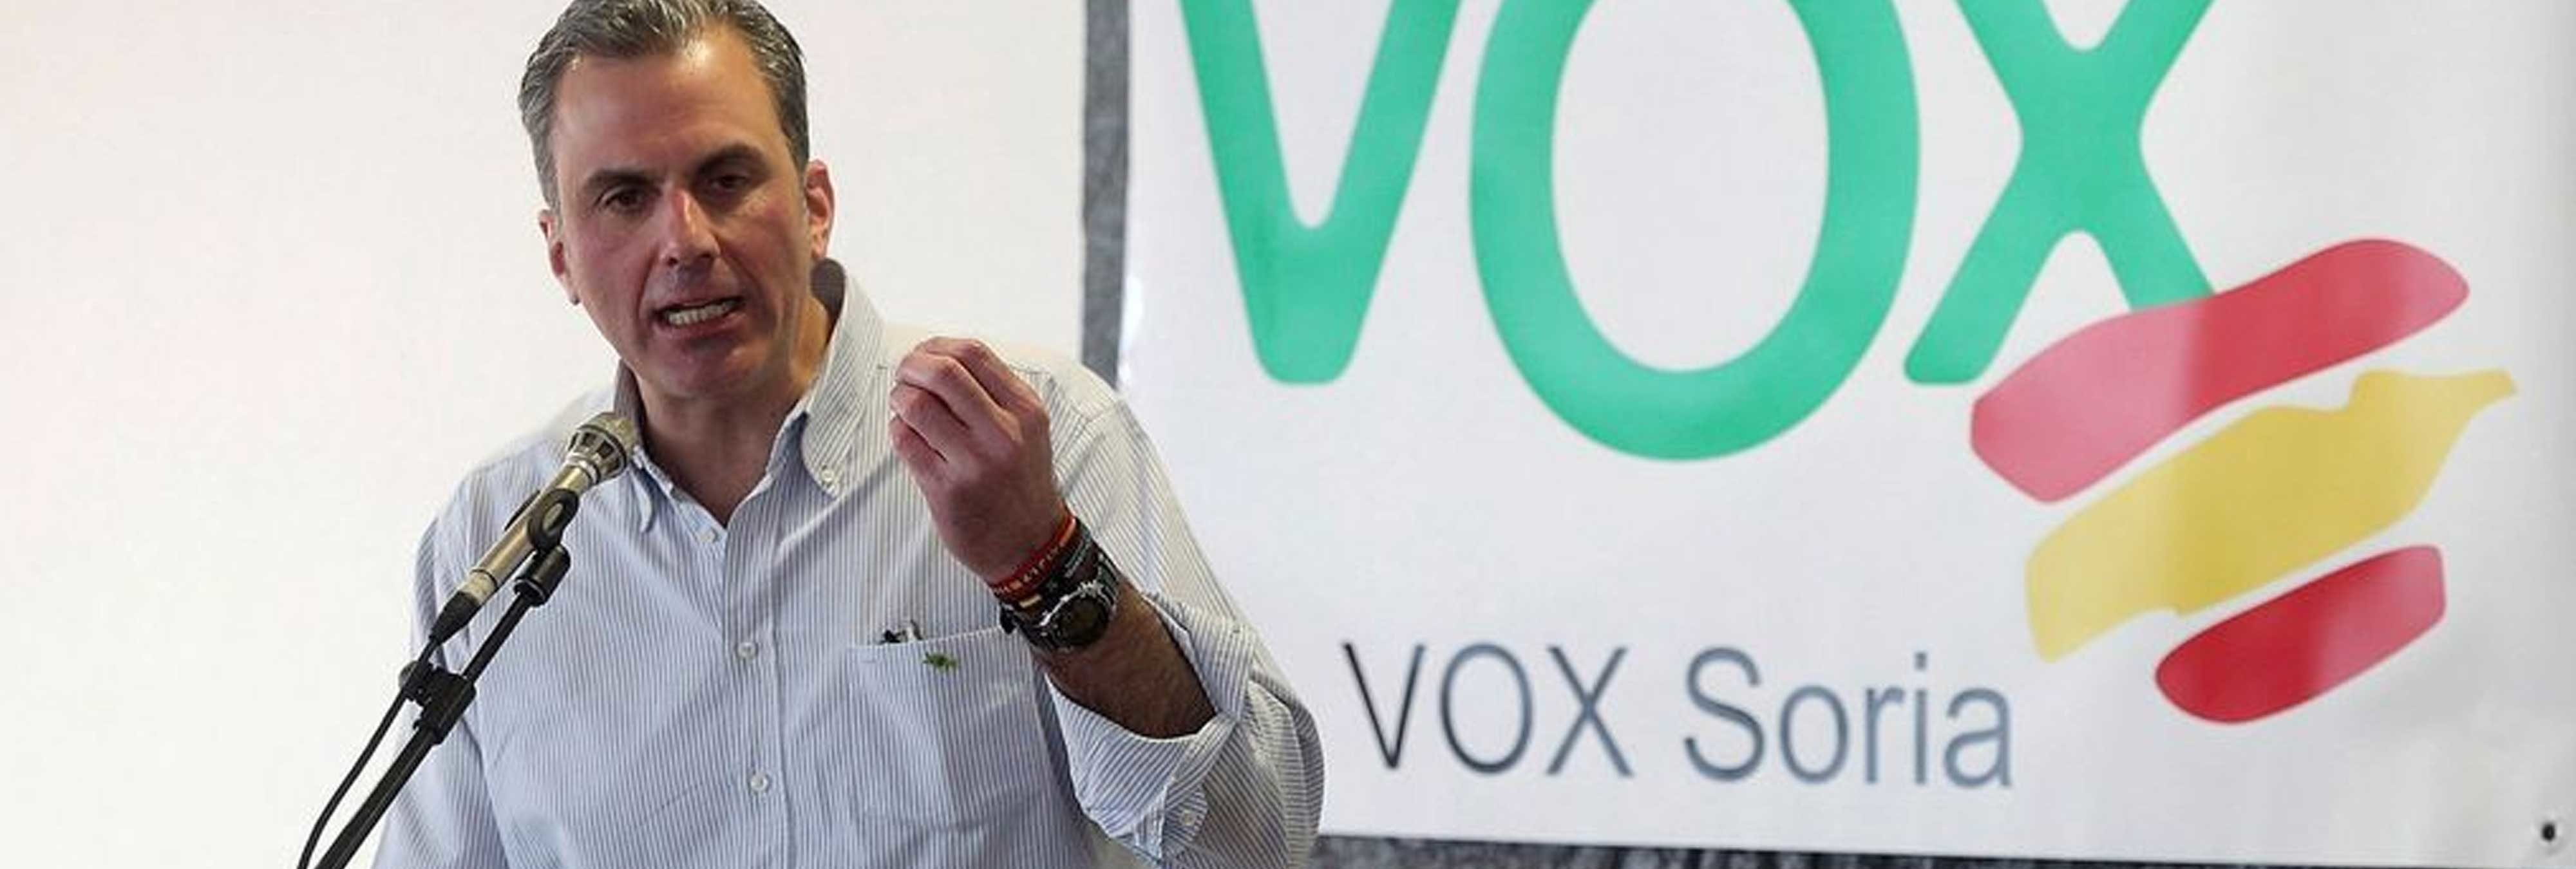 La Fiscalía investiga a Ortega Smith, número dos de VOX, por delito de odio contra los musulmanes